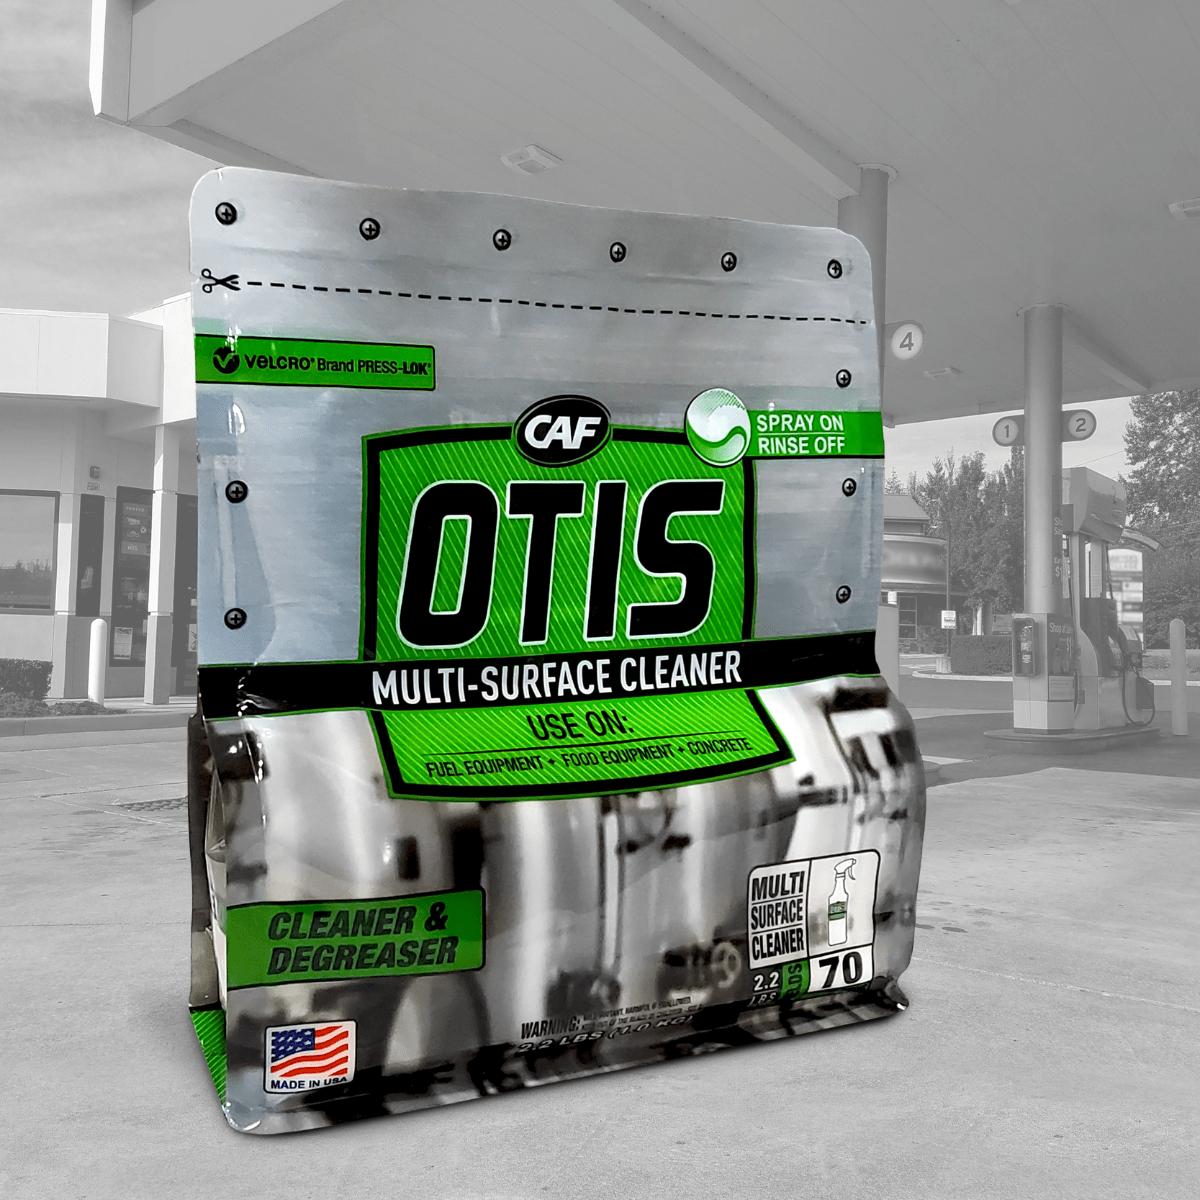 otis multisurface cleaner and degreaser